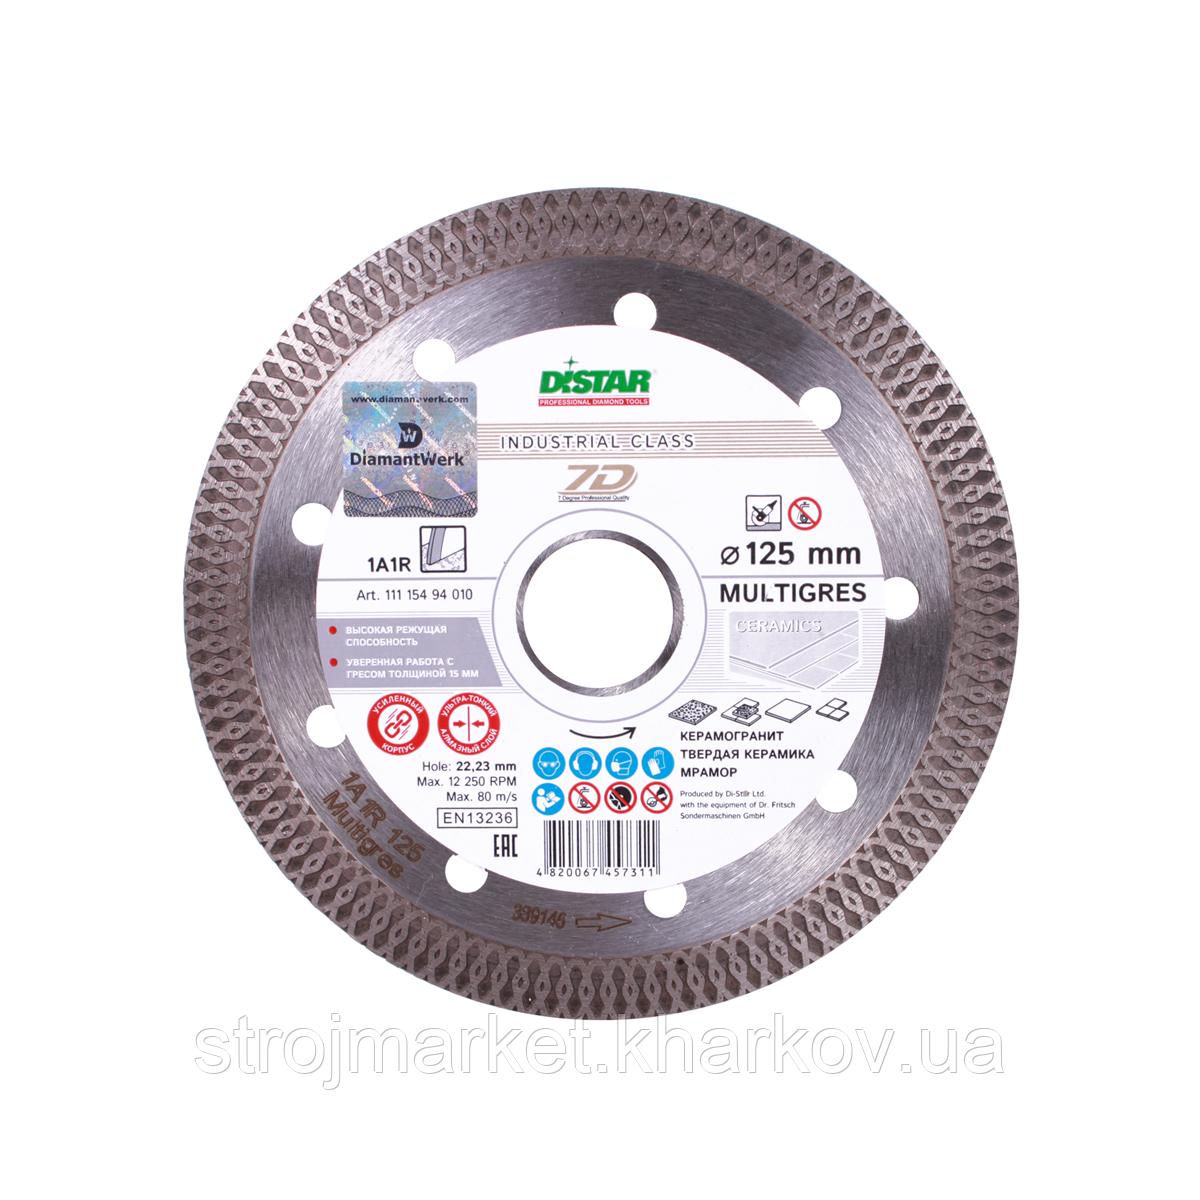 Алмазный отрезной диск Multigres 115x1.4 мм TM Distar